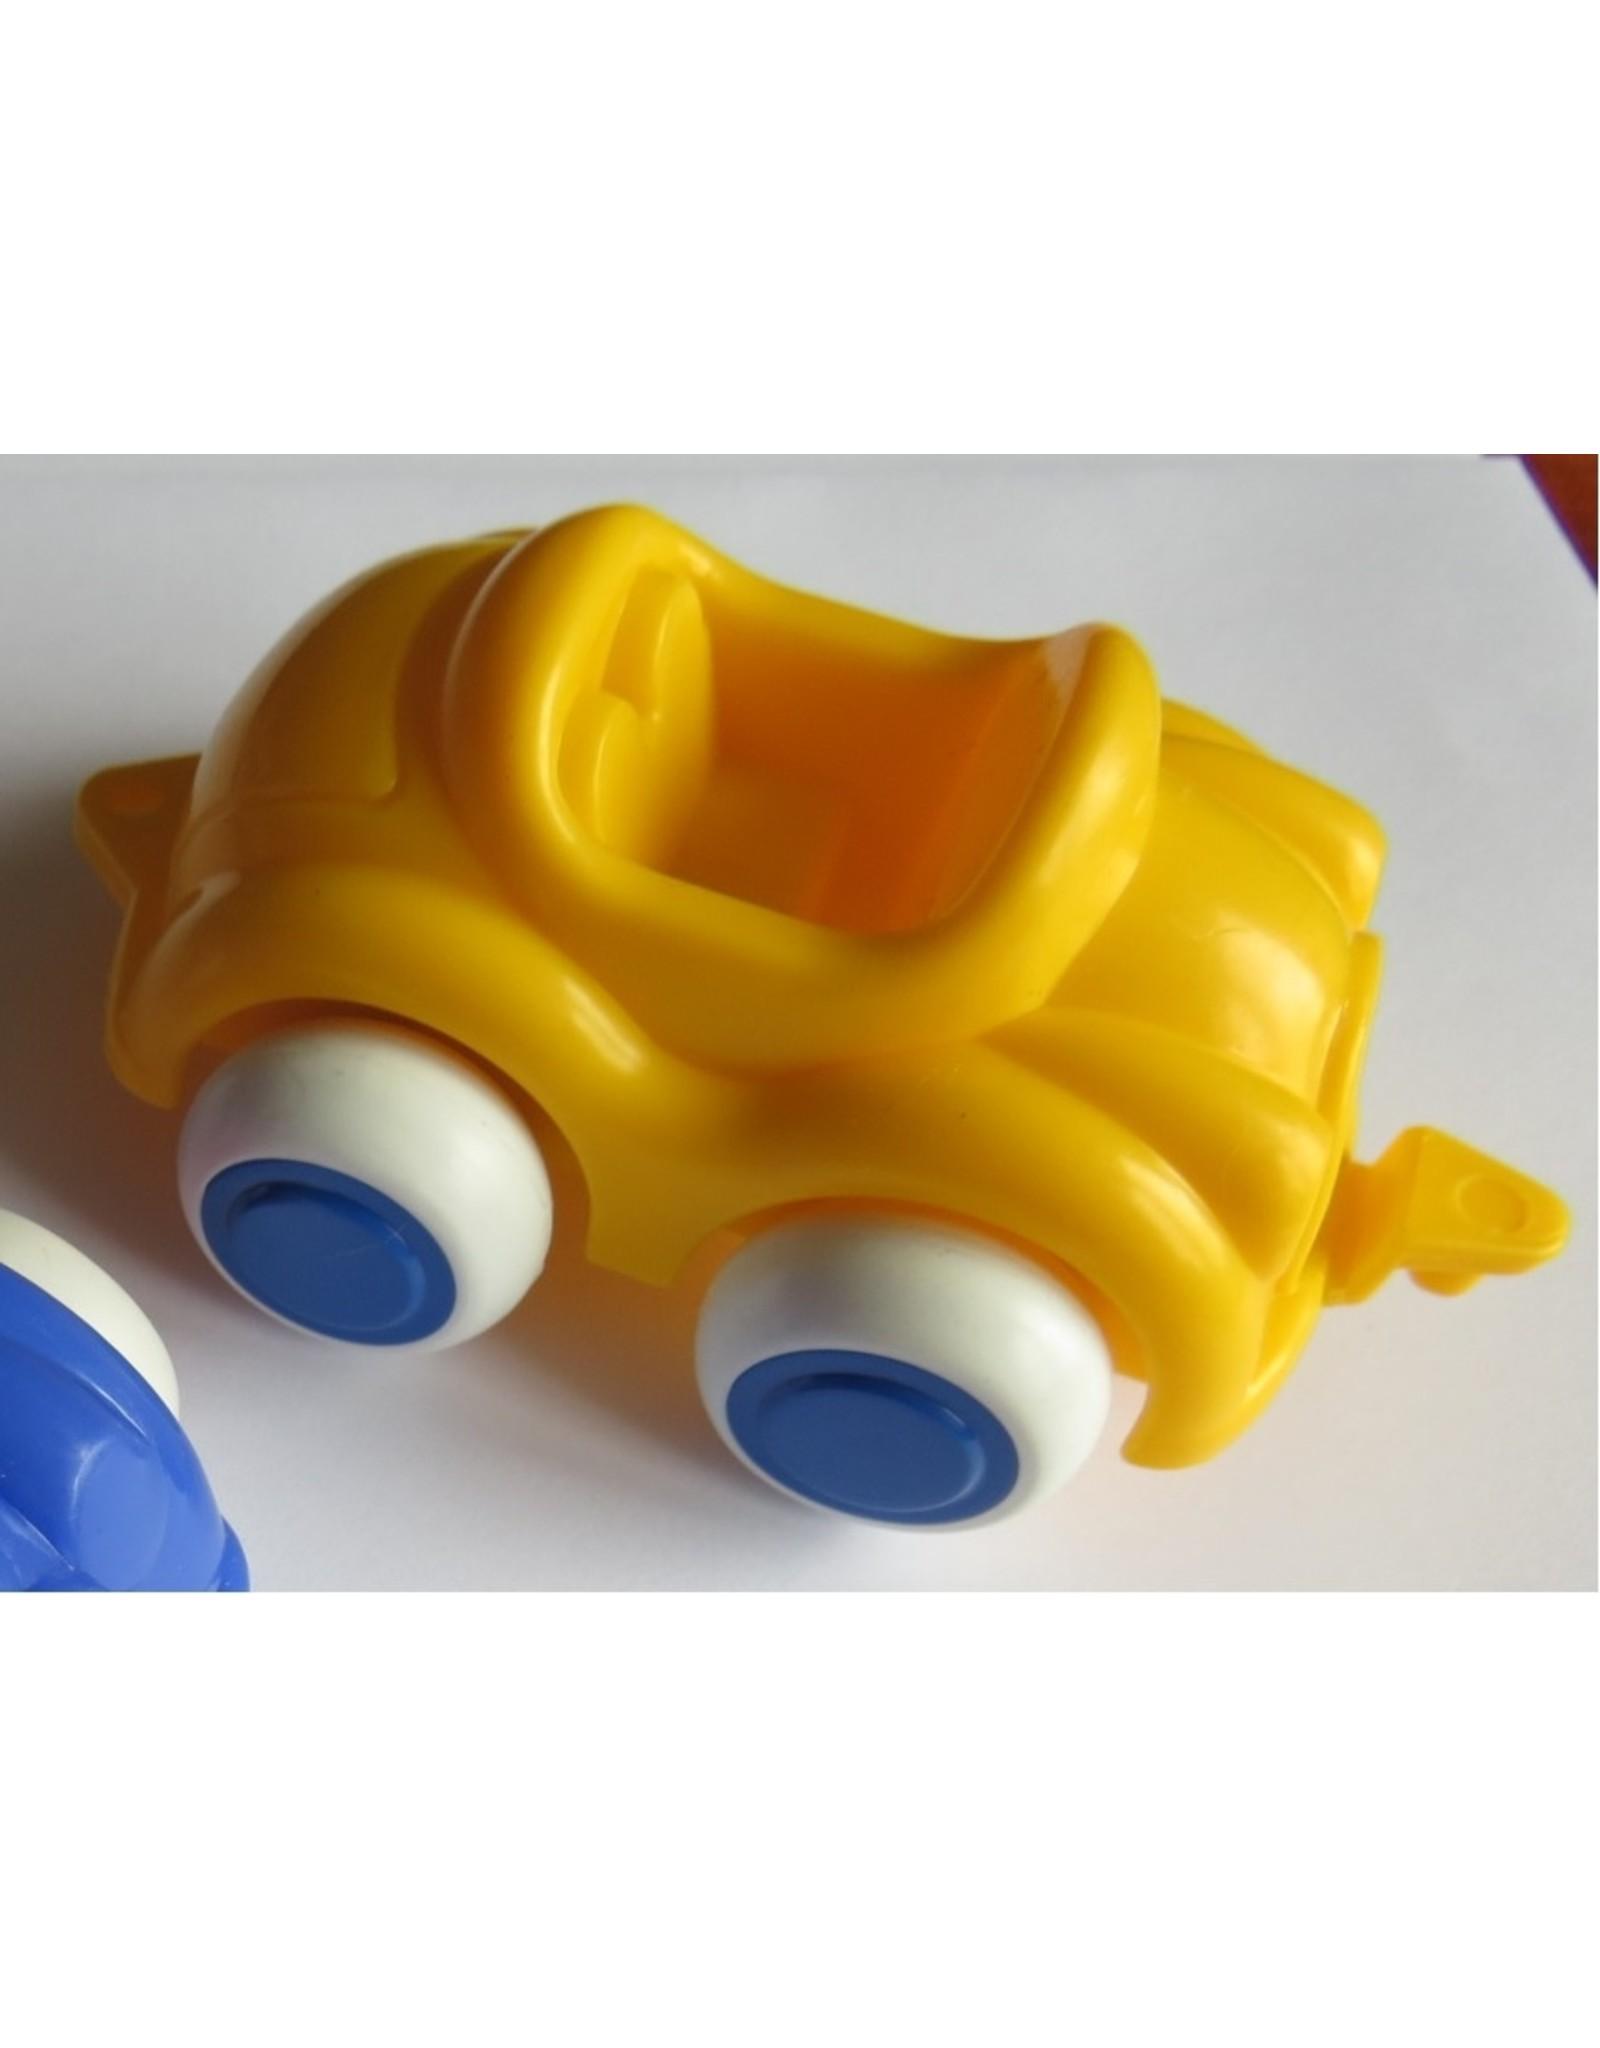 Vikingtoys - yellow open car (10cm)